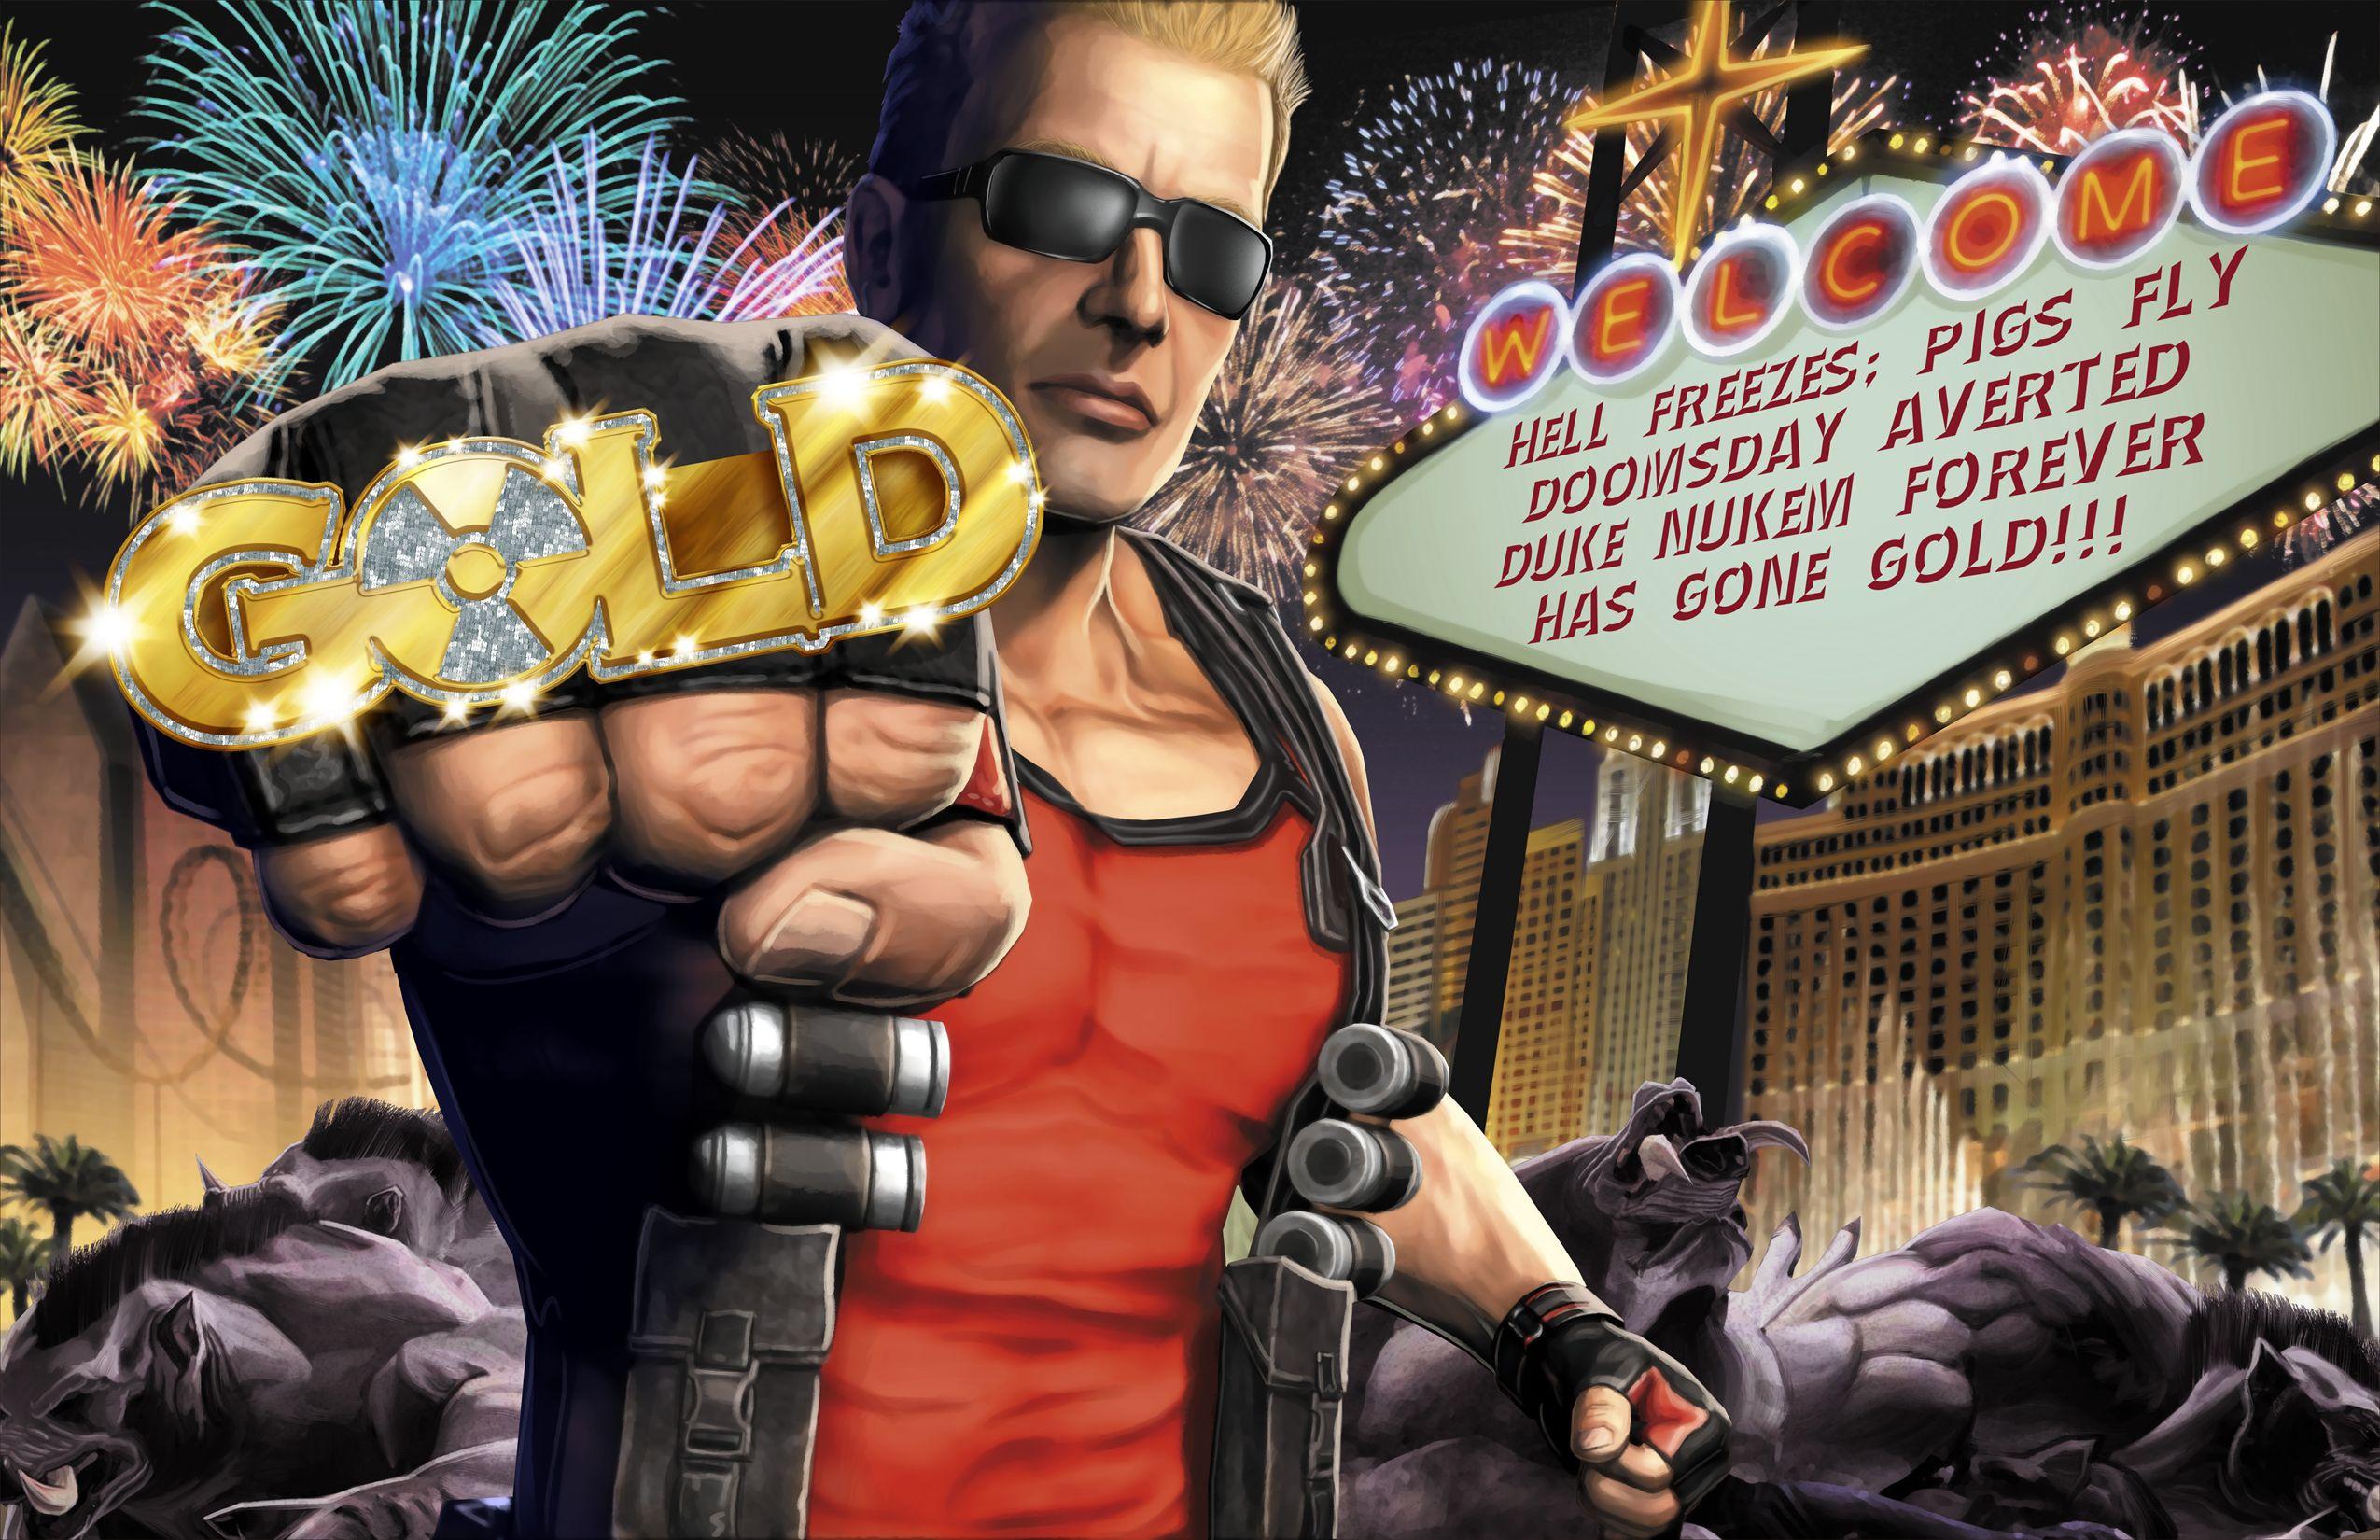 Duke Nukem Forever Has Gone Gold!